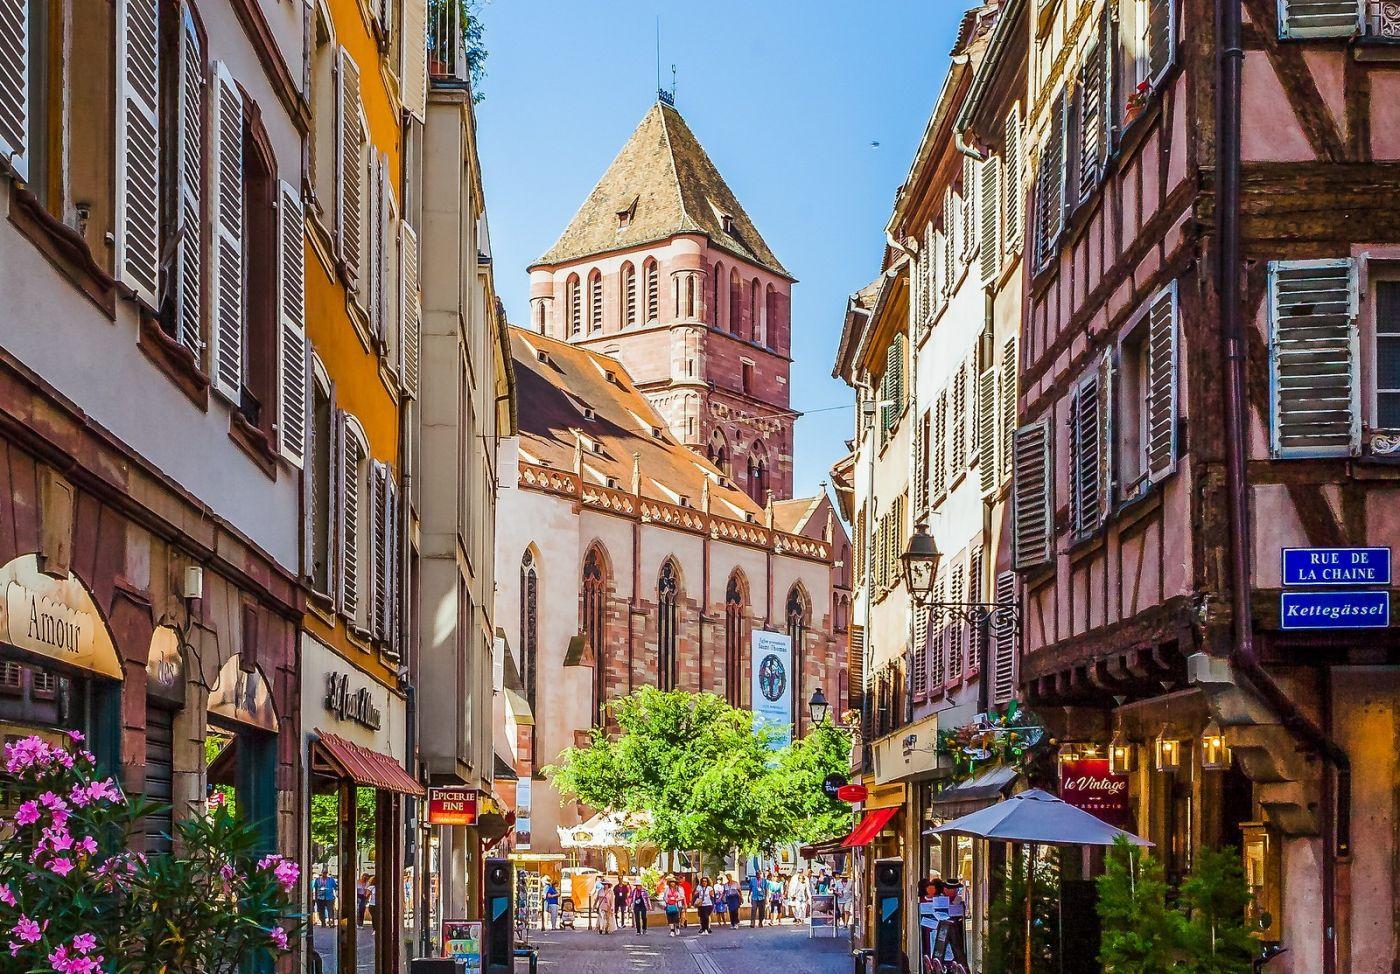 法国斯特拉斯堡(Strasbourg),边走边拍_图1-39